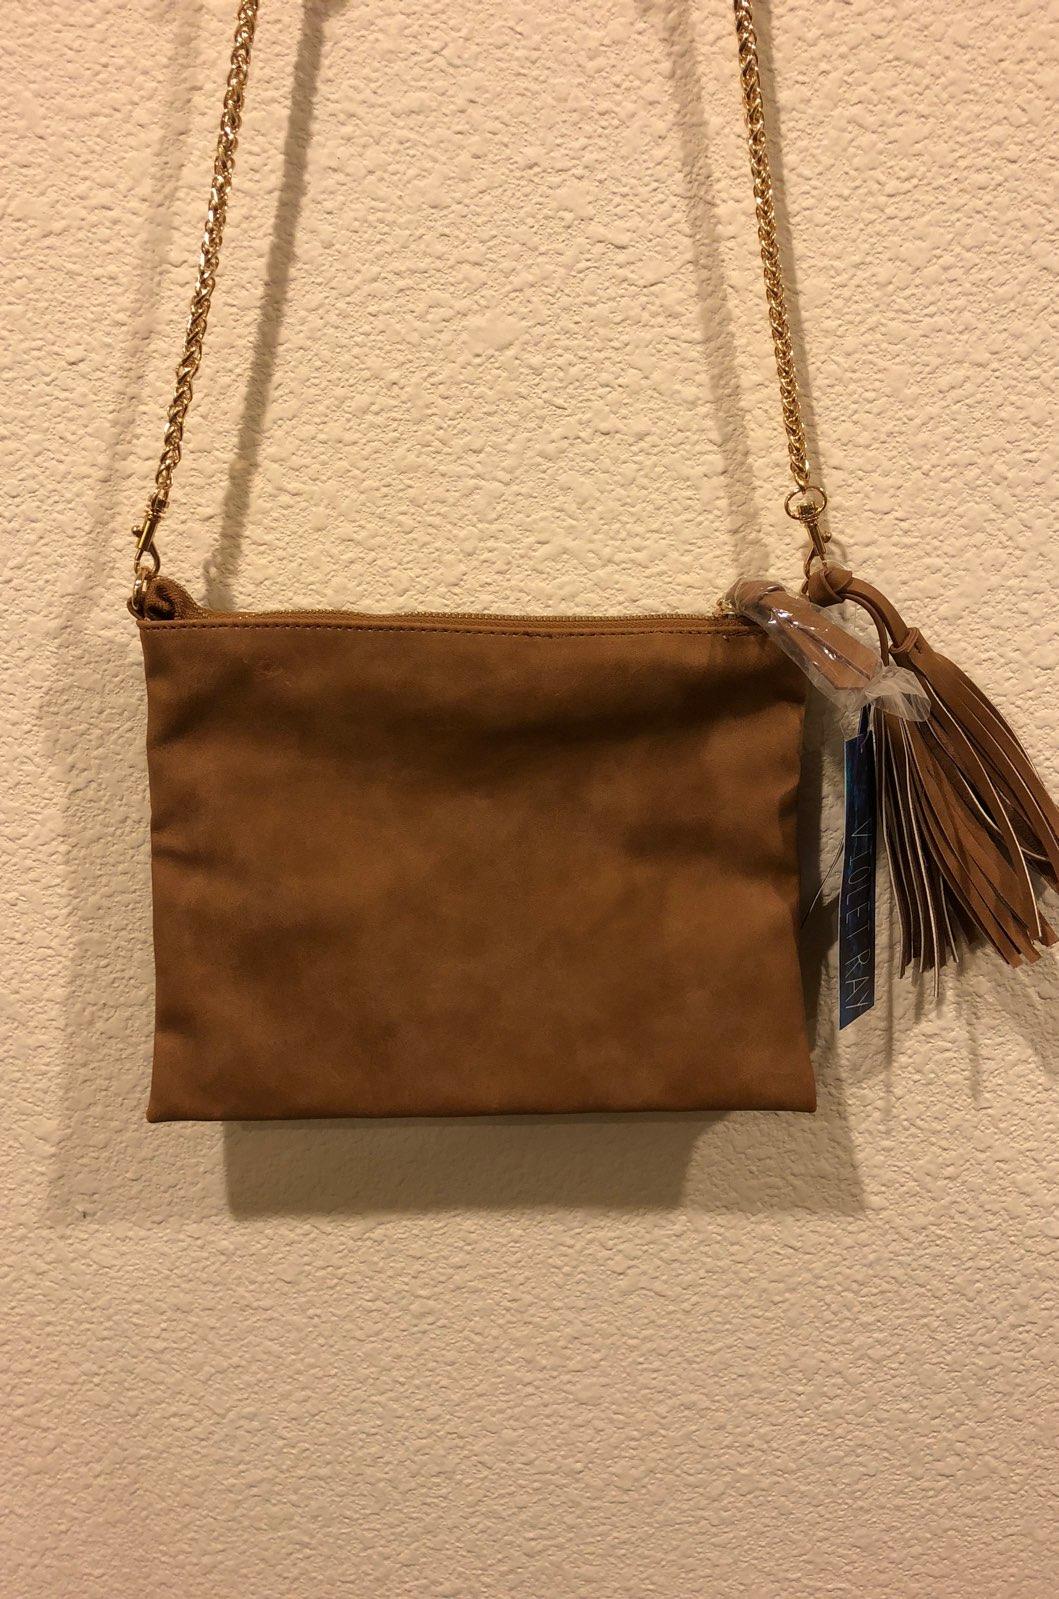 NWT Nude Brown Crossbody Bag Clutch